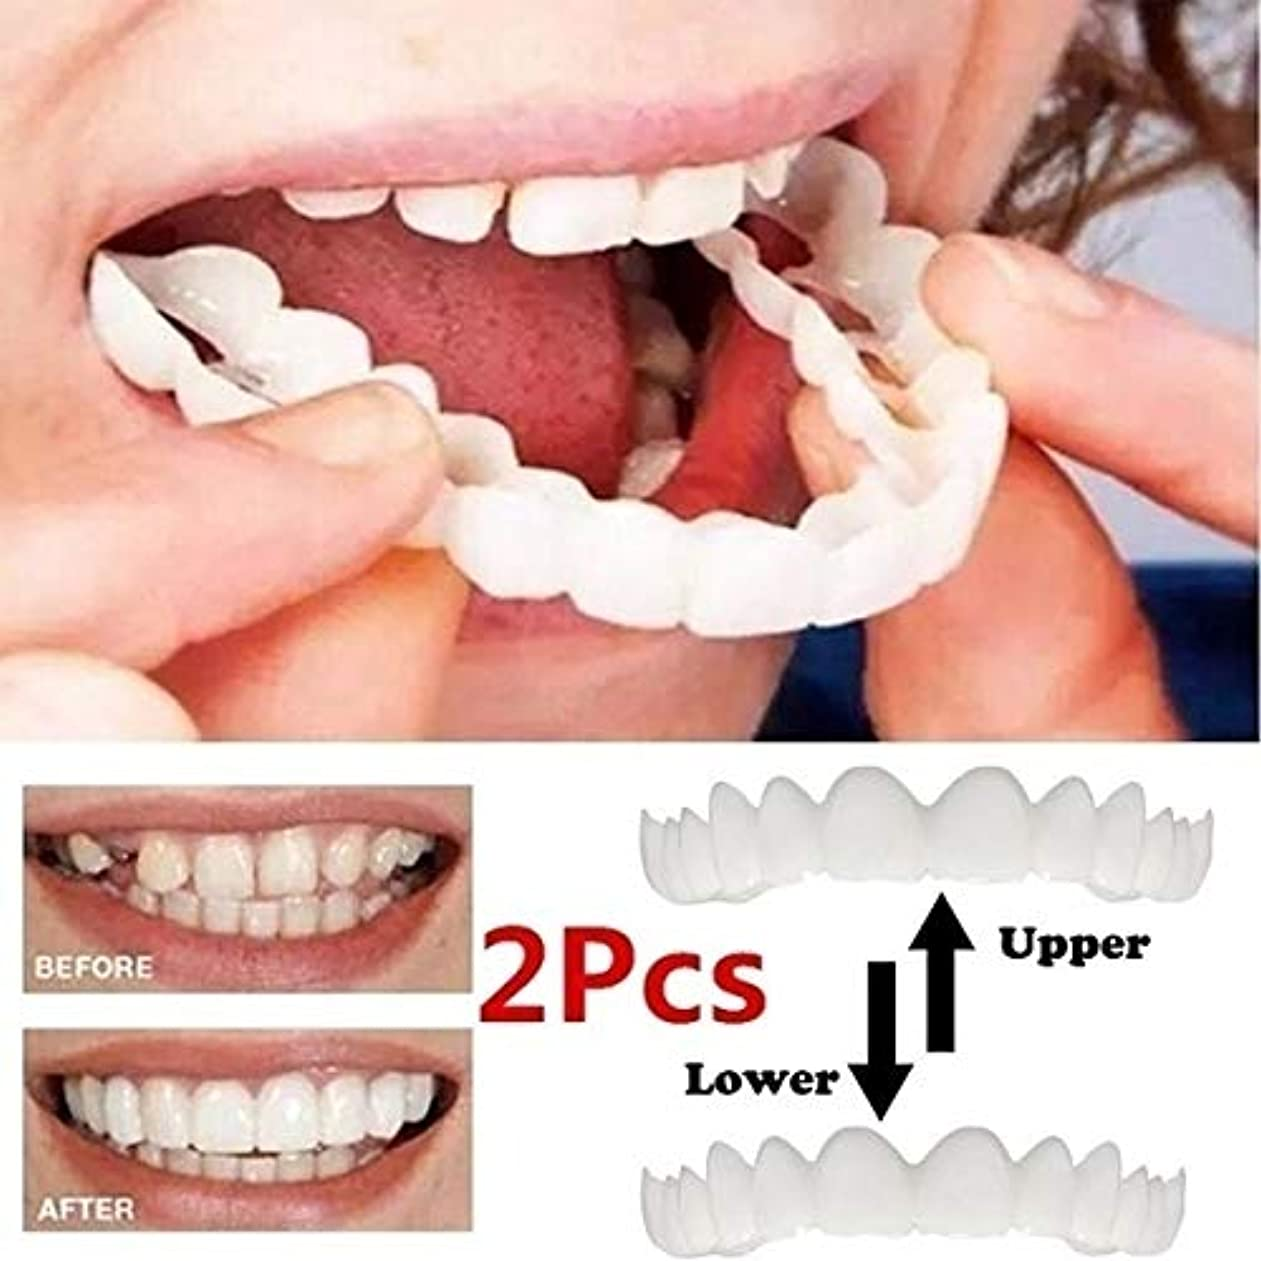 ミニかみそりためらう一時的な笑顔の快適さフィット化粧品の歯義歯のベニヤ歯の快適さフィットフレックス化粧品の歯の上の歯のベニヤと下のベニヤ - 歯のベニヤ